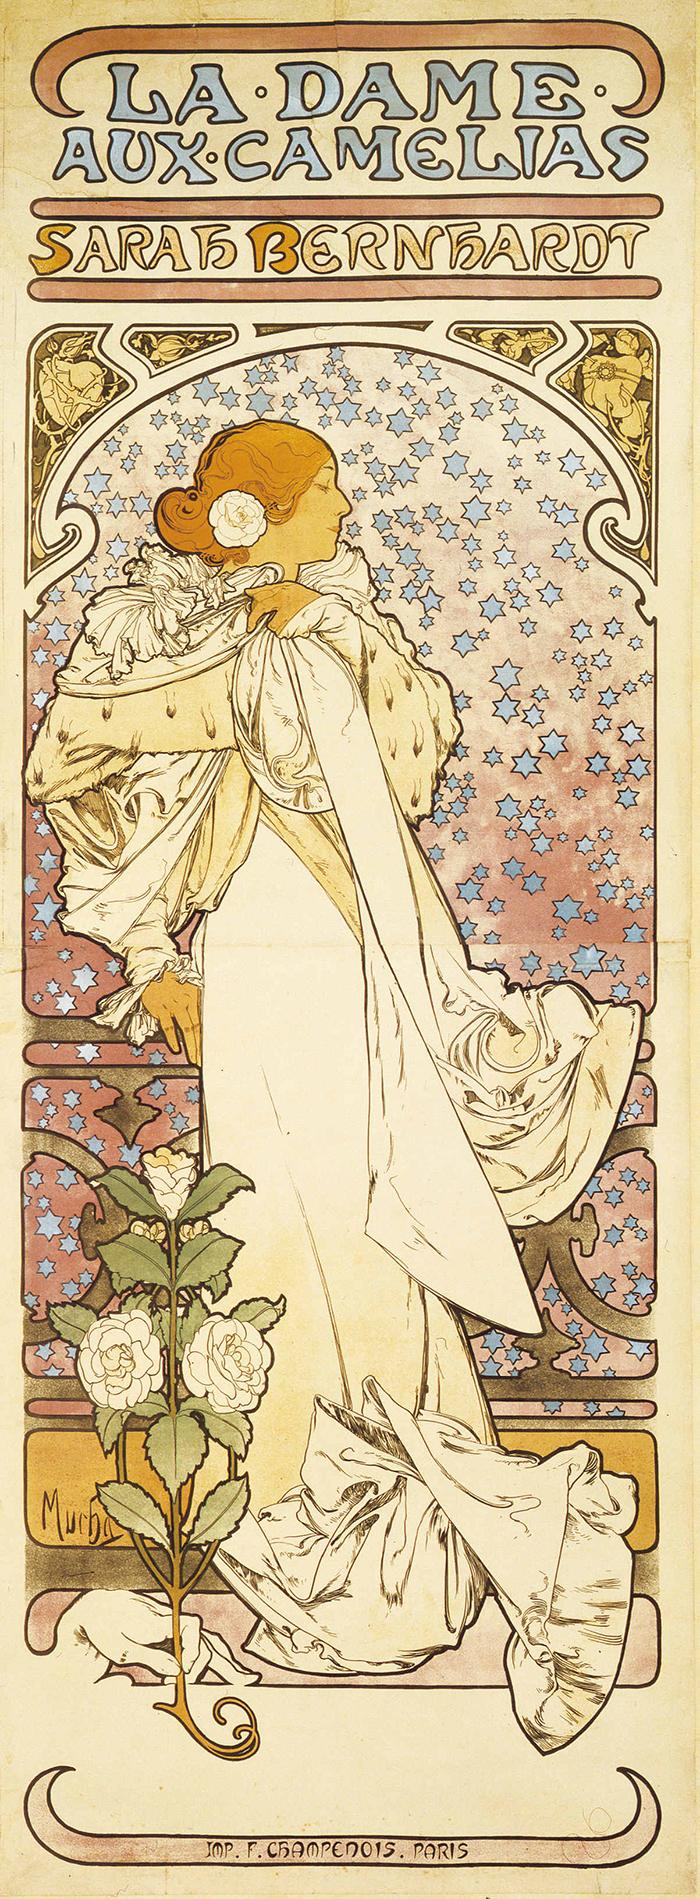 アルフォンス・ミュシャ 《椿姫》 1896年